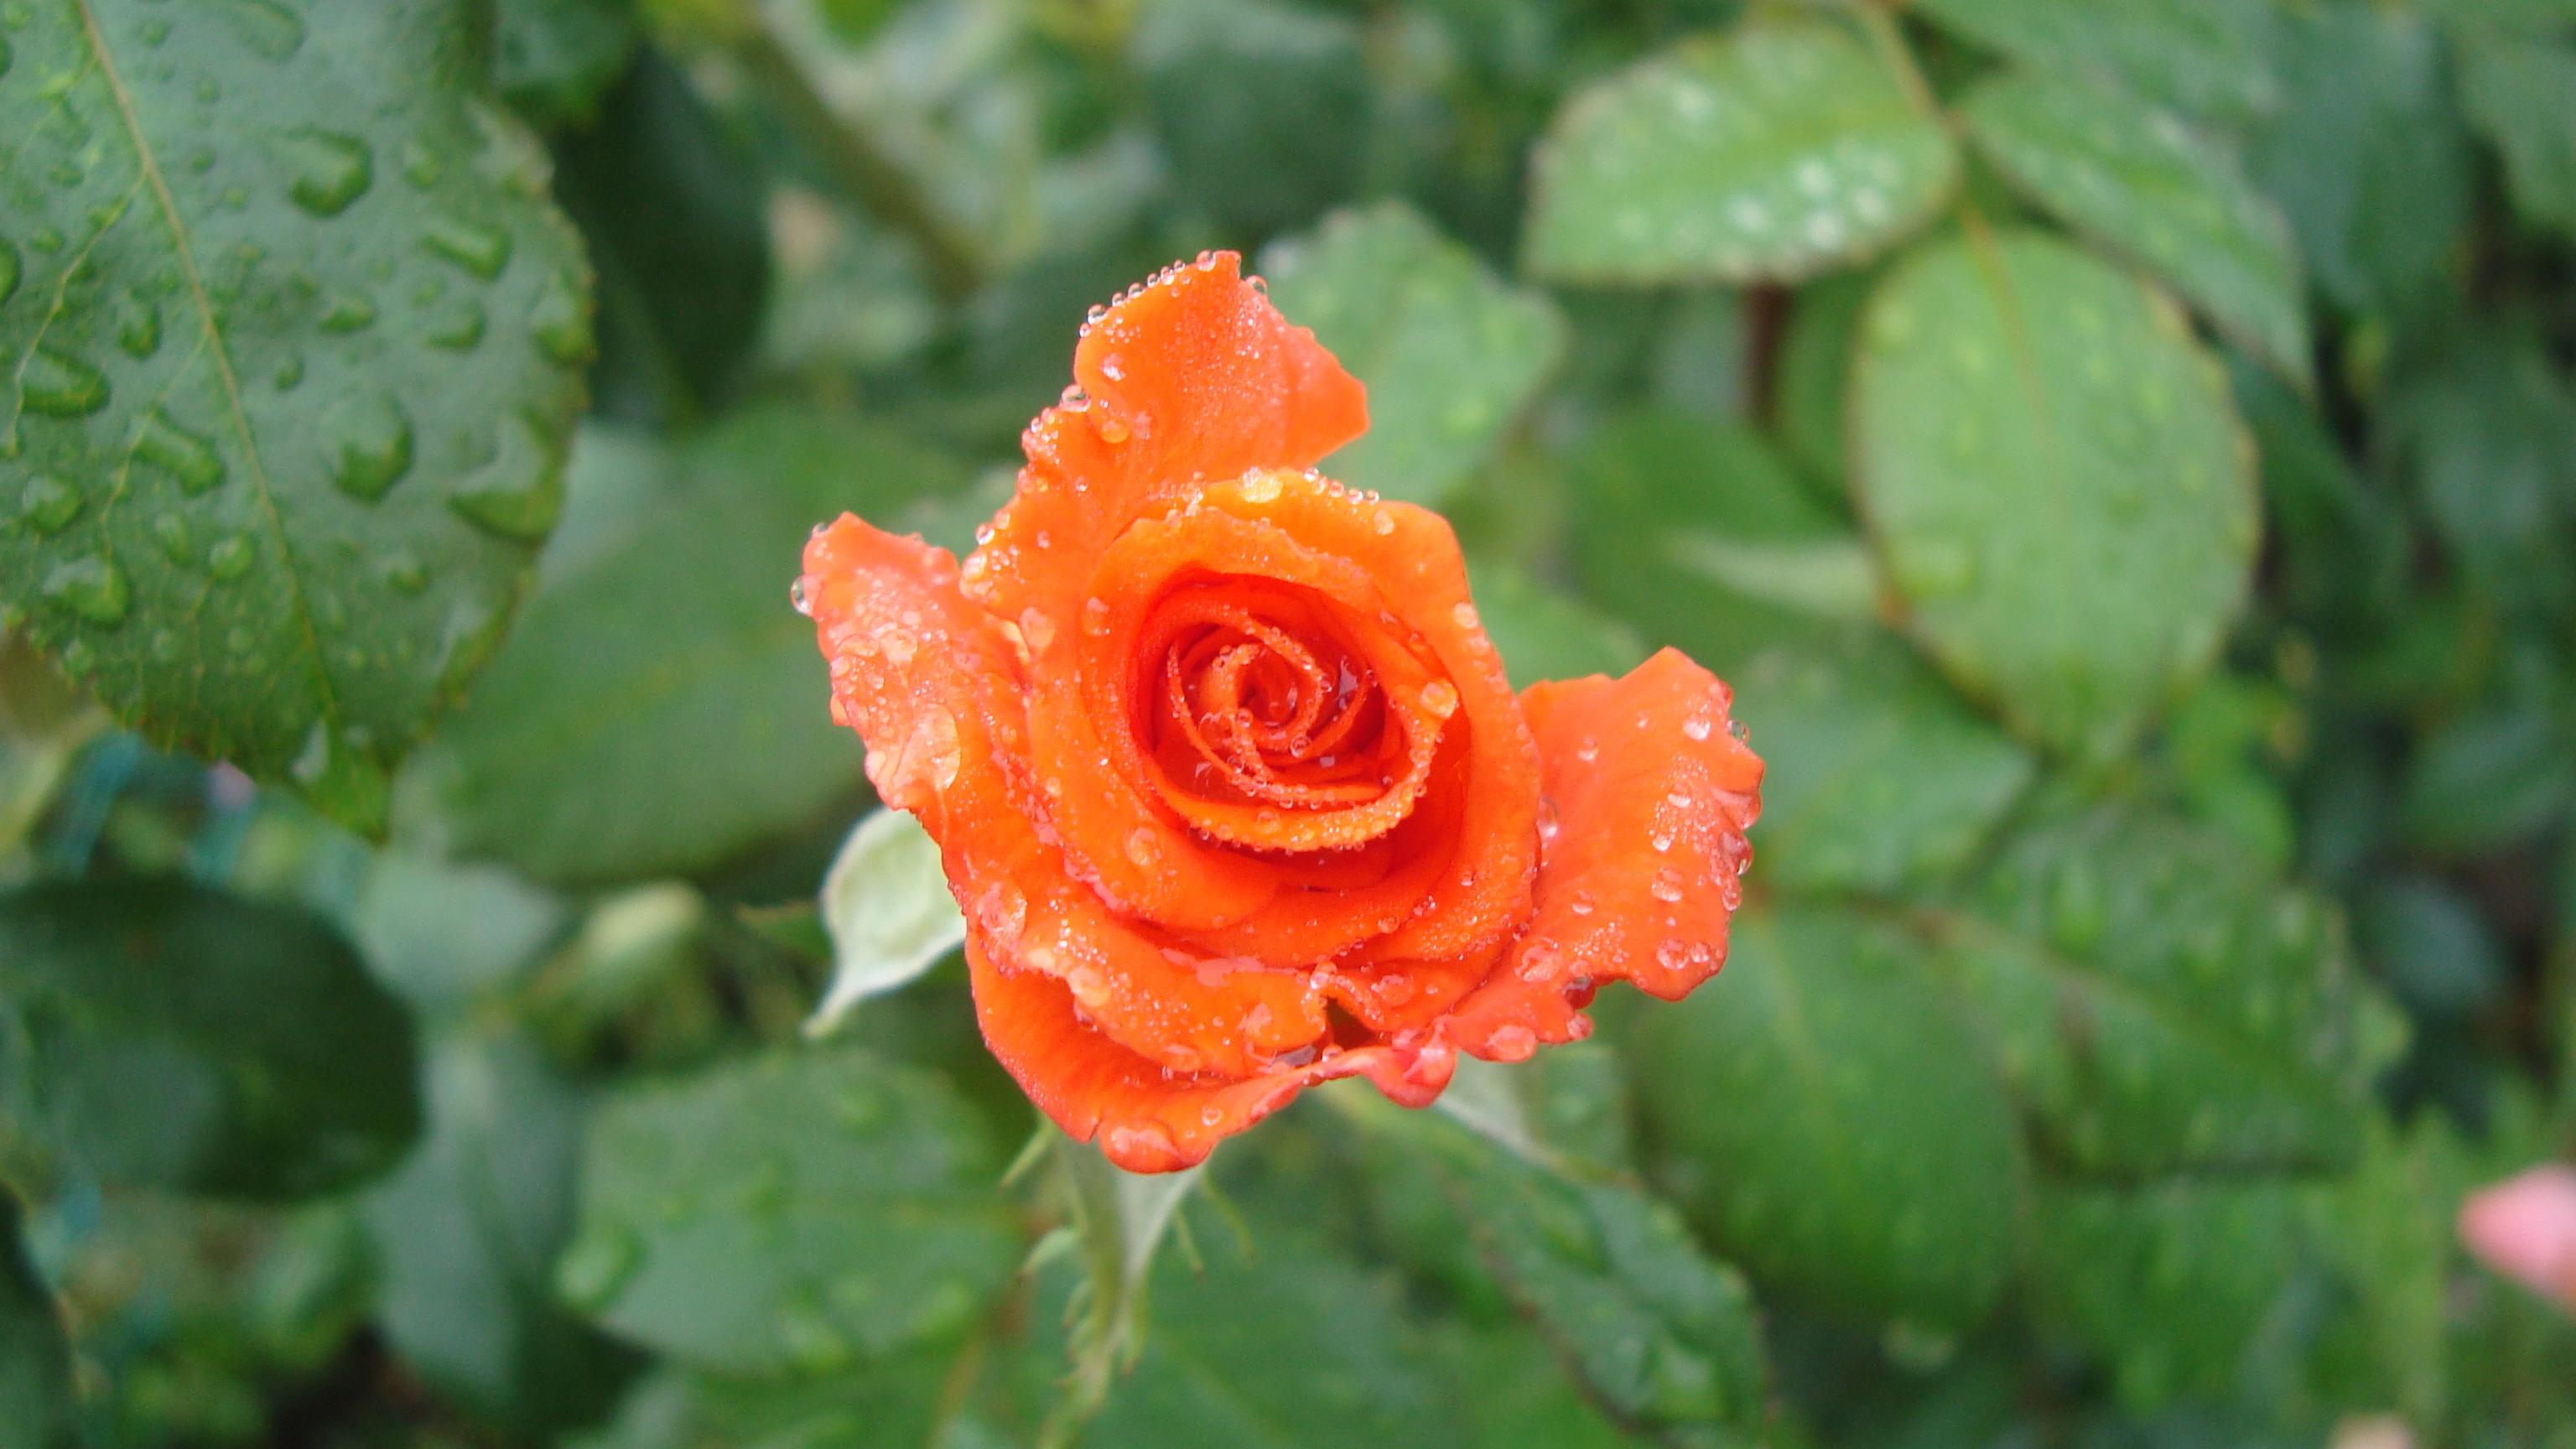 11267 скачать обои Растения, Цветы, Розы, Капли - заставки и картинки бесплатно